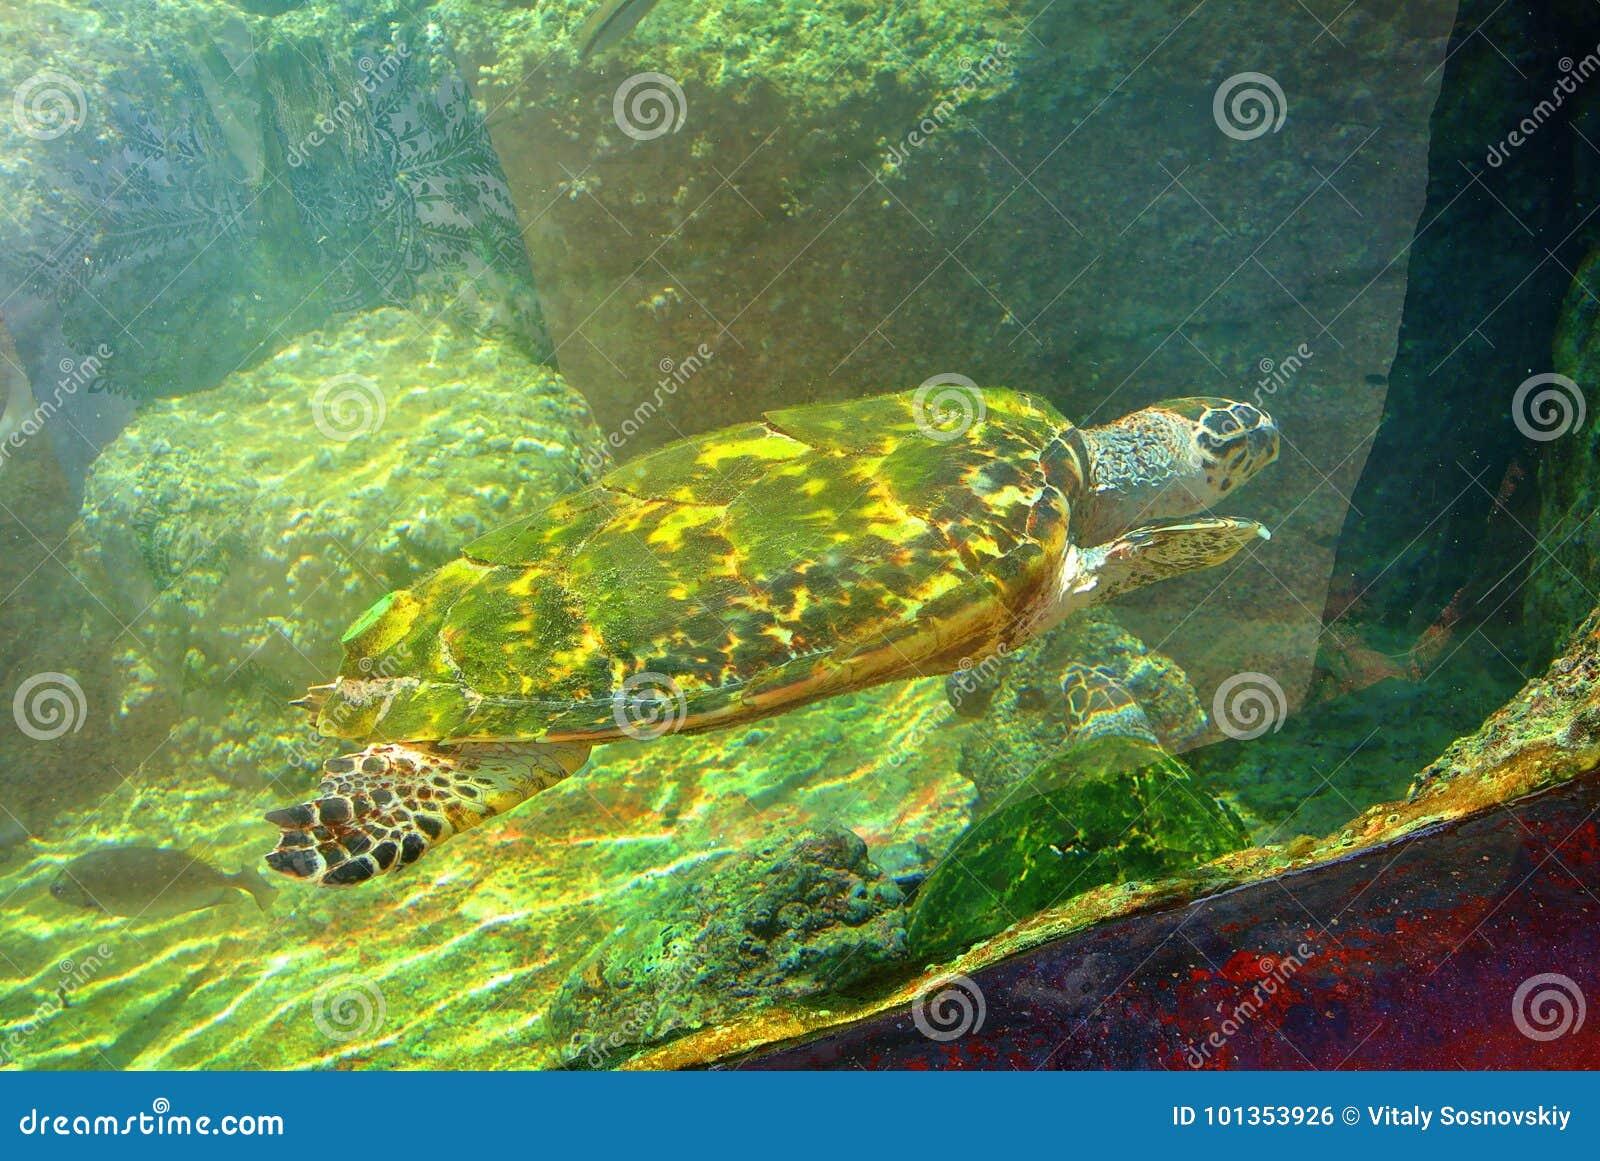 Sea turtle in the aquarium of Eilat. Israel